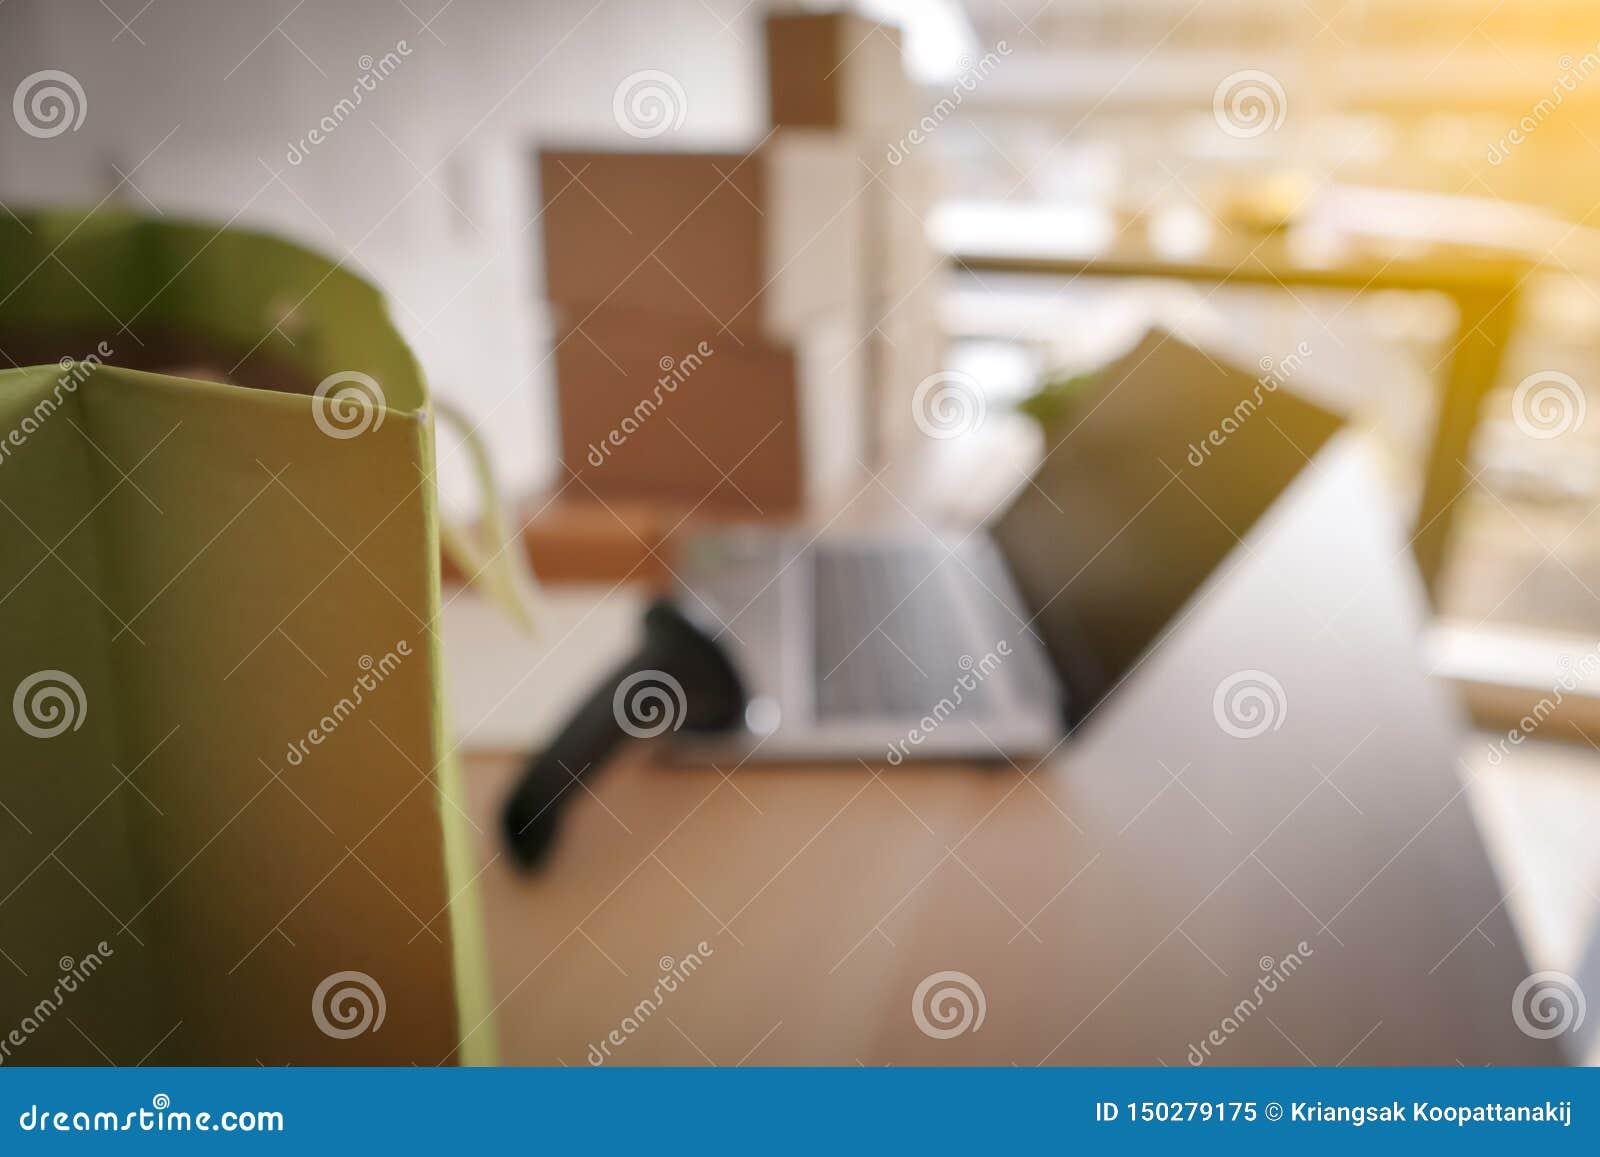 Verwischen Sie Bild der grünen Einkaufspapiertüte mit Laptop